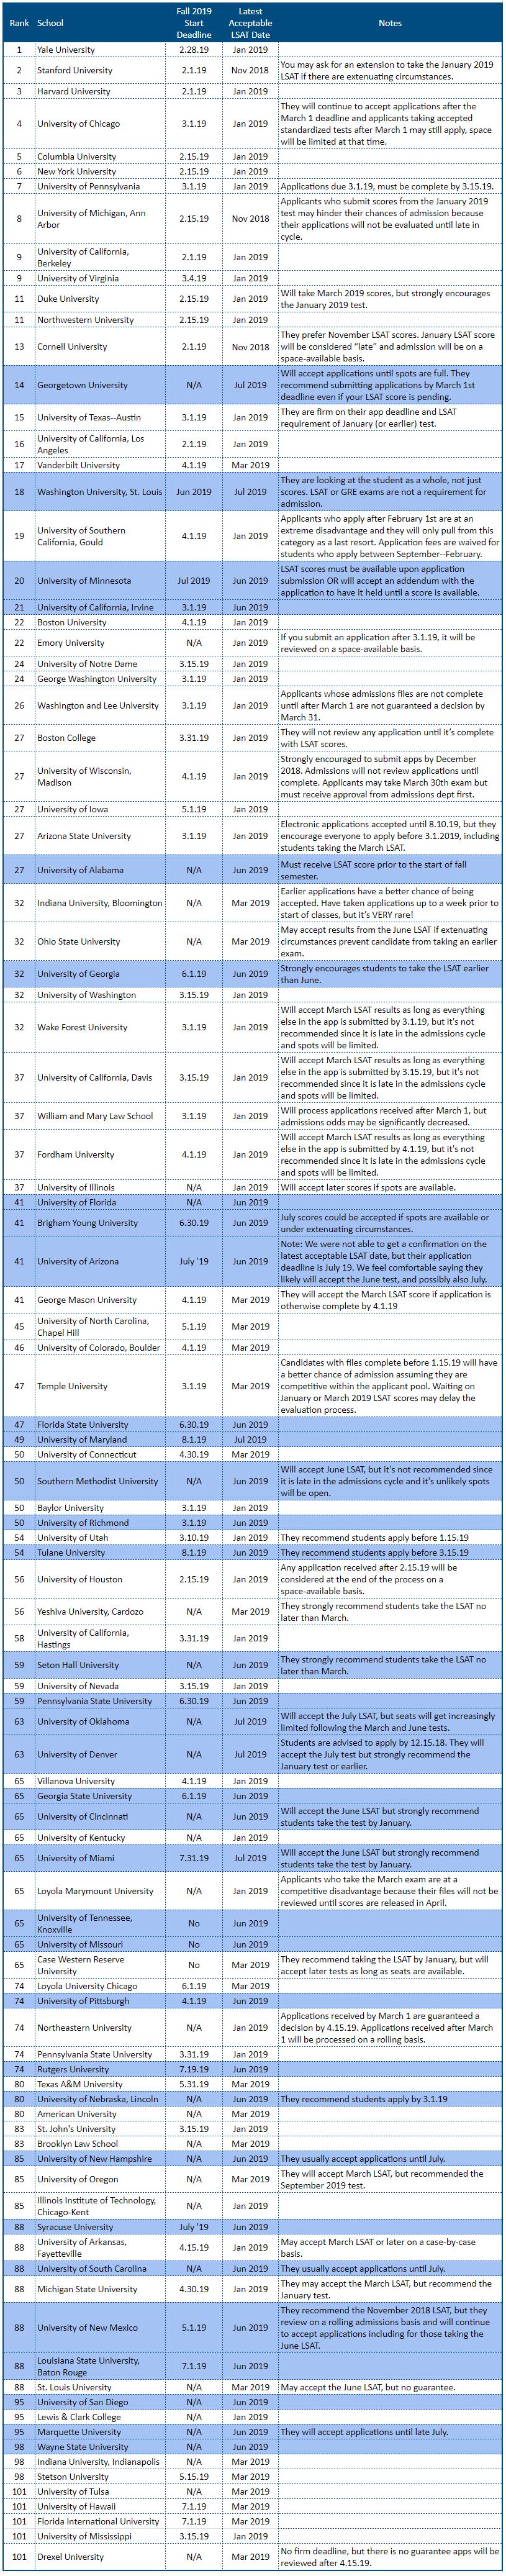 Top 100 Law Schools and Deadlines